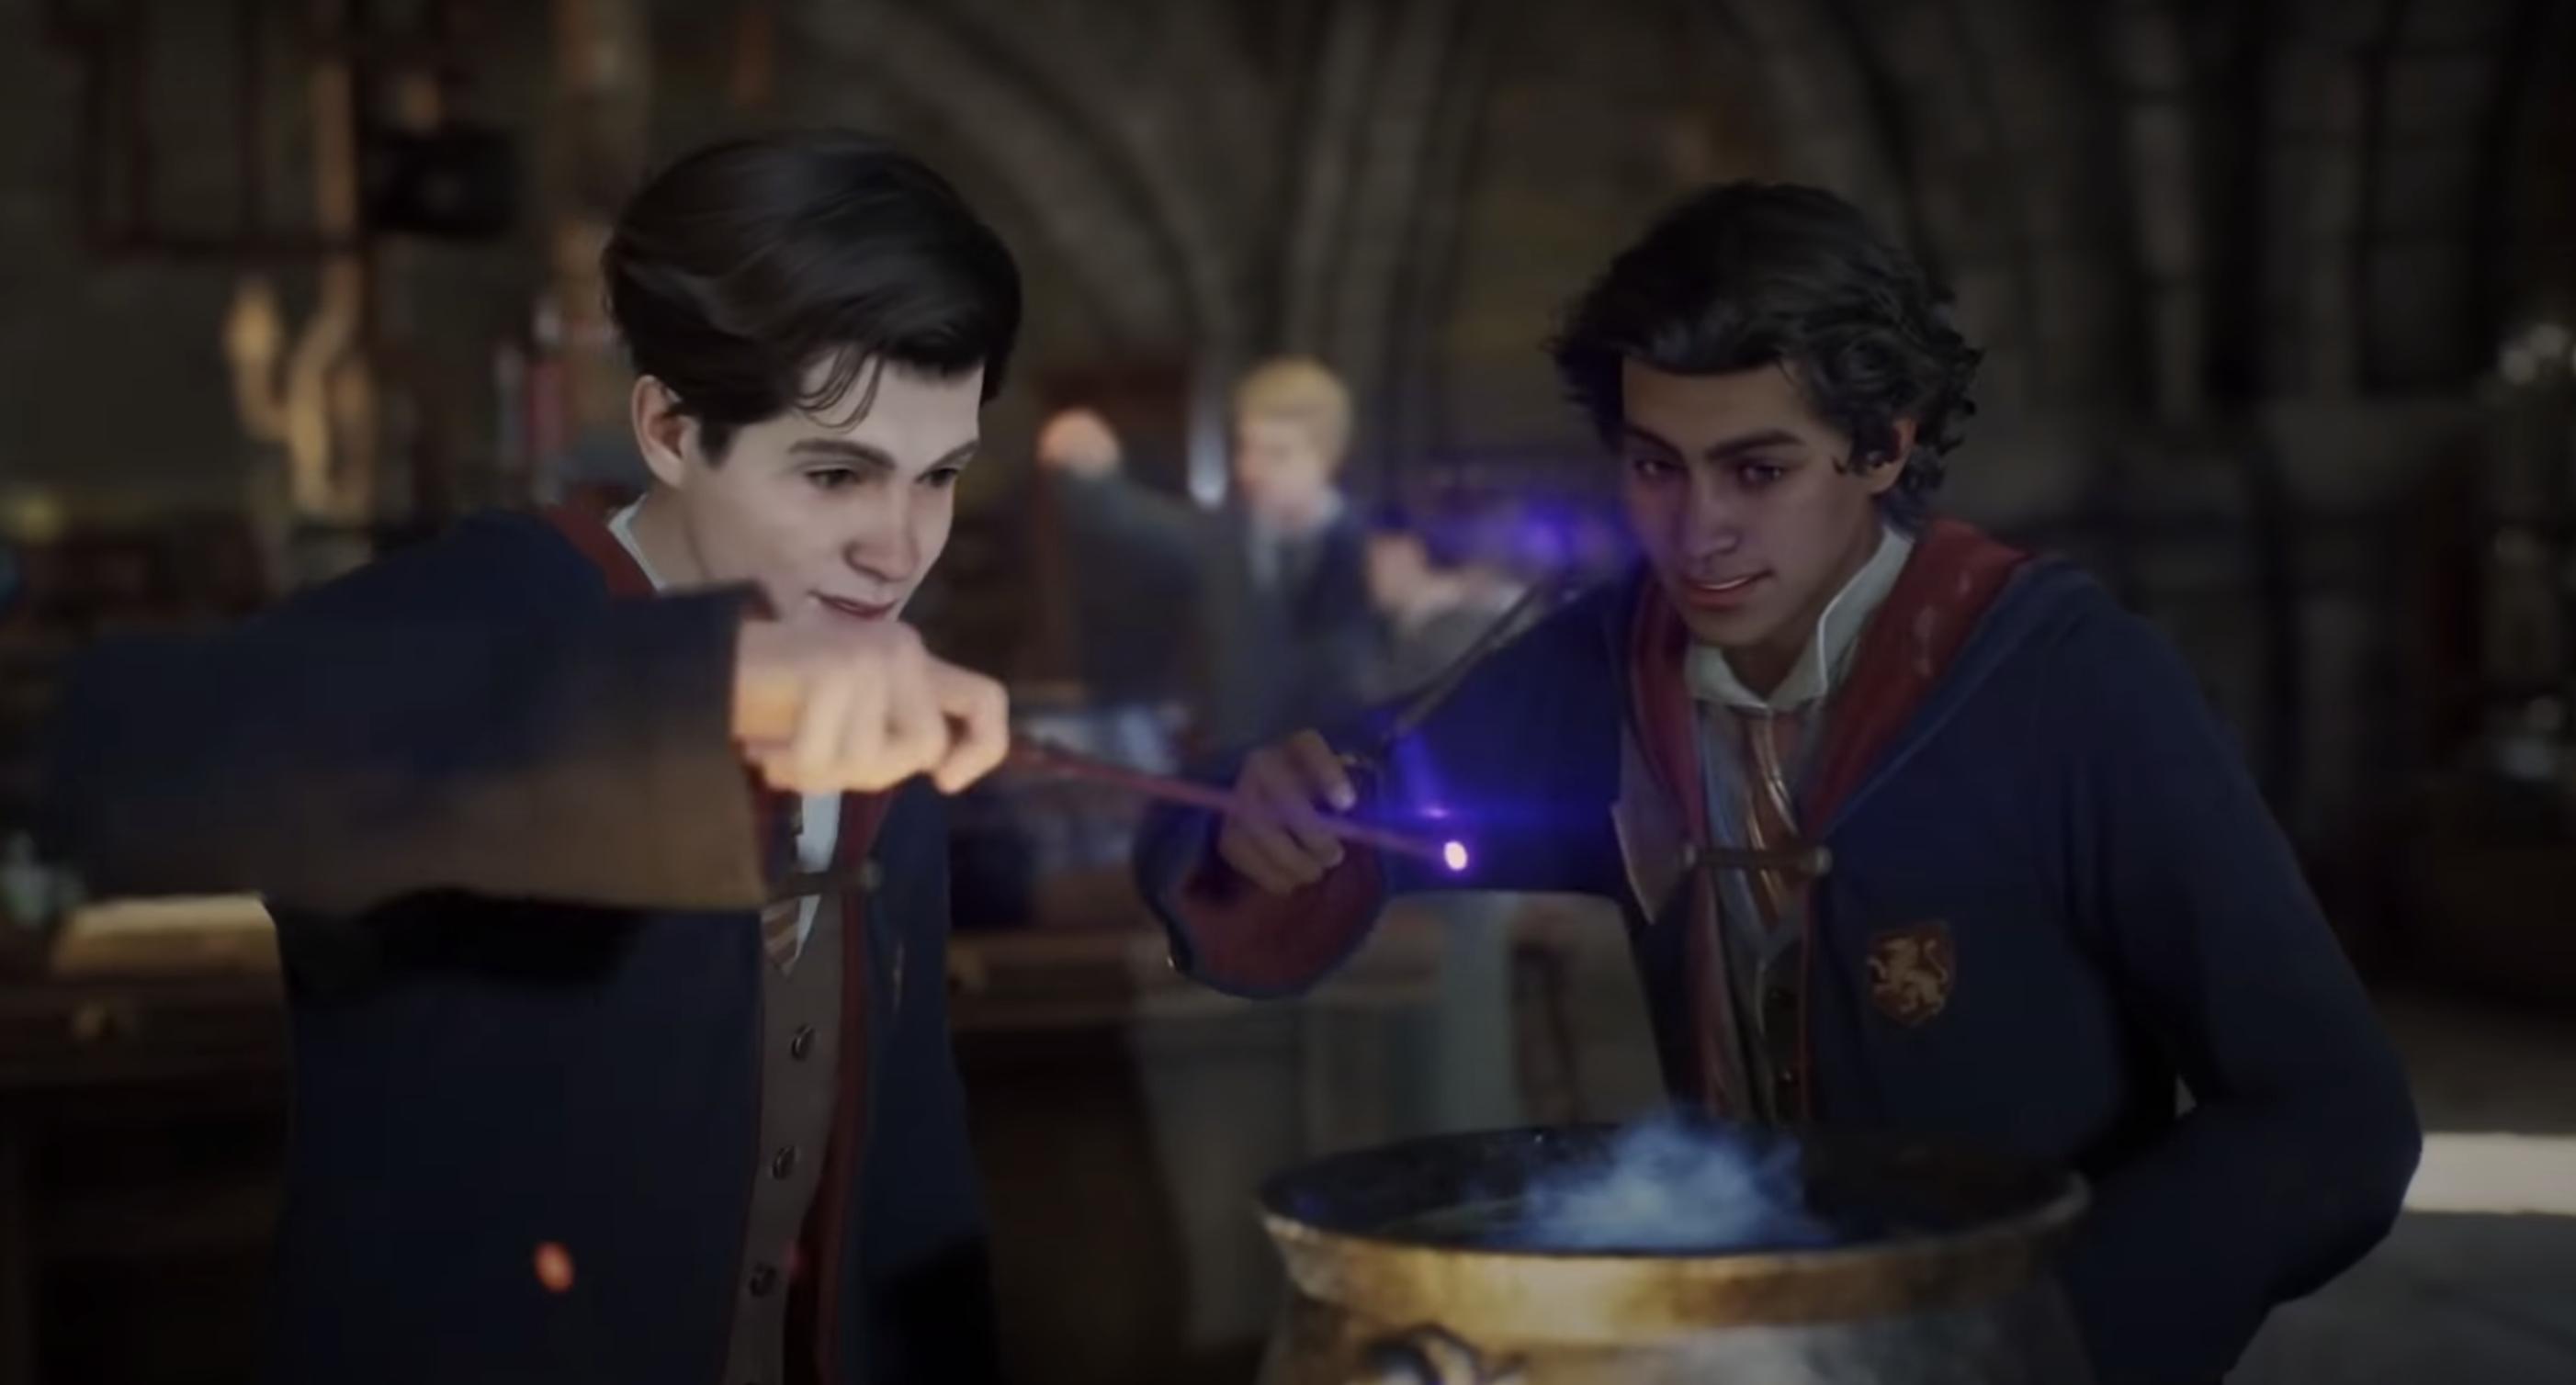 Компьютерная ролевая игра Hogwarts Legacy – возможность для фанатов Гарри Поттера снова окунуться в мир магии — фото 1